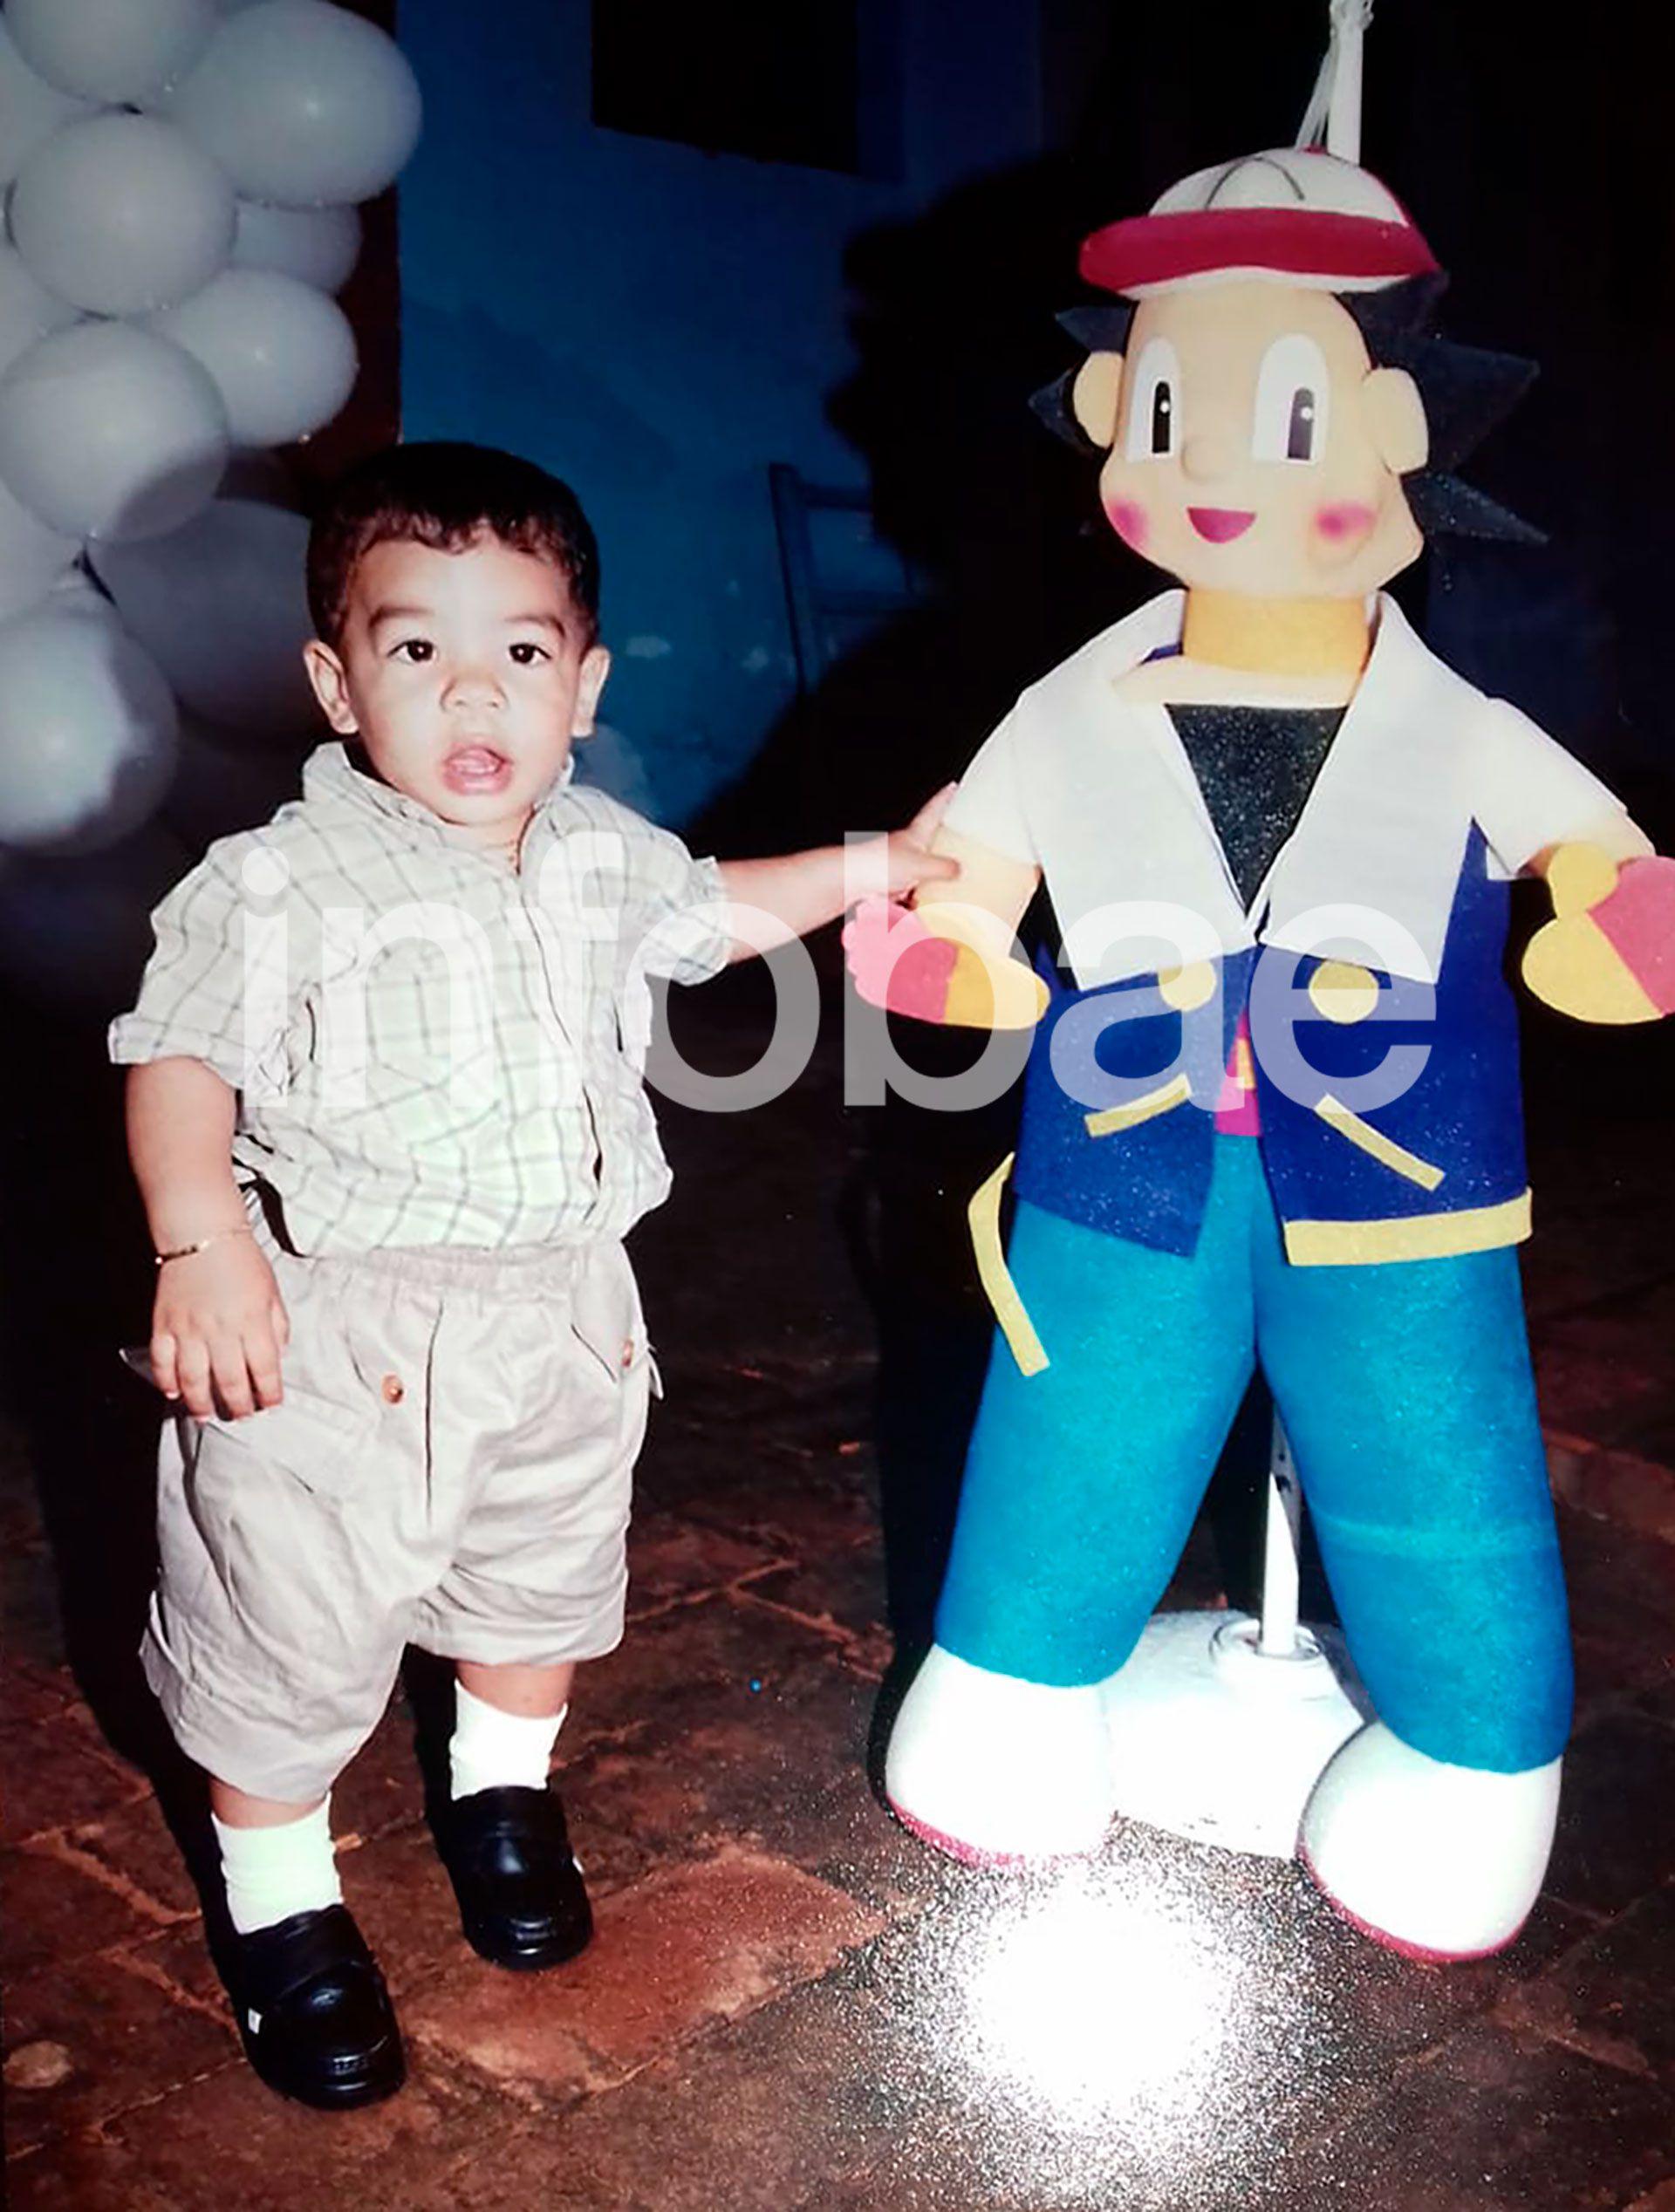 El primer año de Fernando lo festejaron en Paraguay. Aunque con los años se volvió fanático de Spiderman, en ese momento, la torta y la piñata tenían la temática de la serie Pokémon. La piñata, de Ash Ketchum (el entrenador de Pokemon), medía varios centímetros más que él